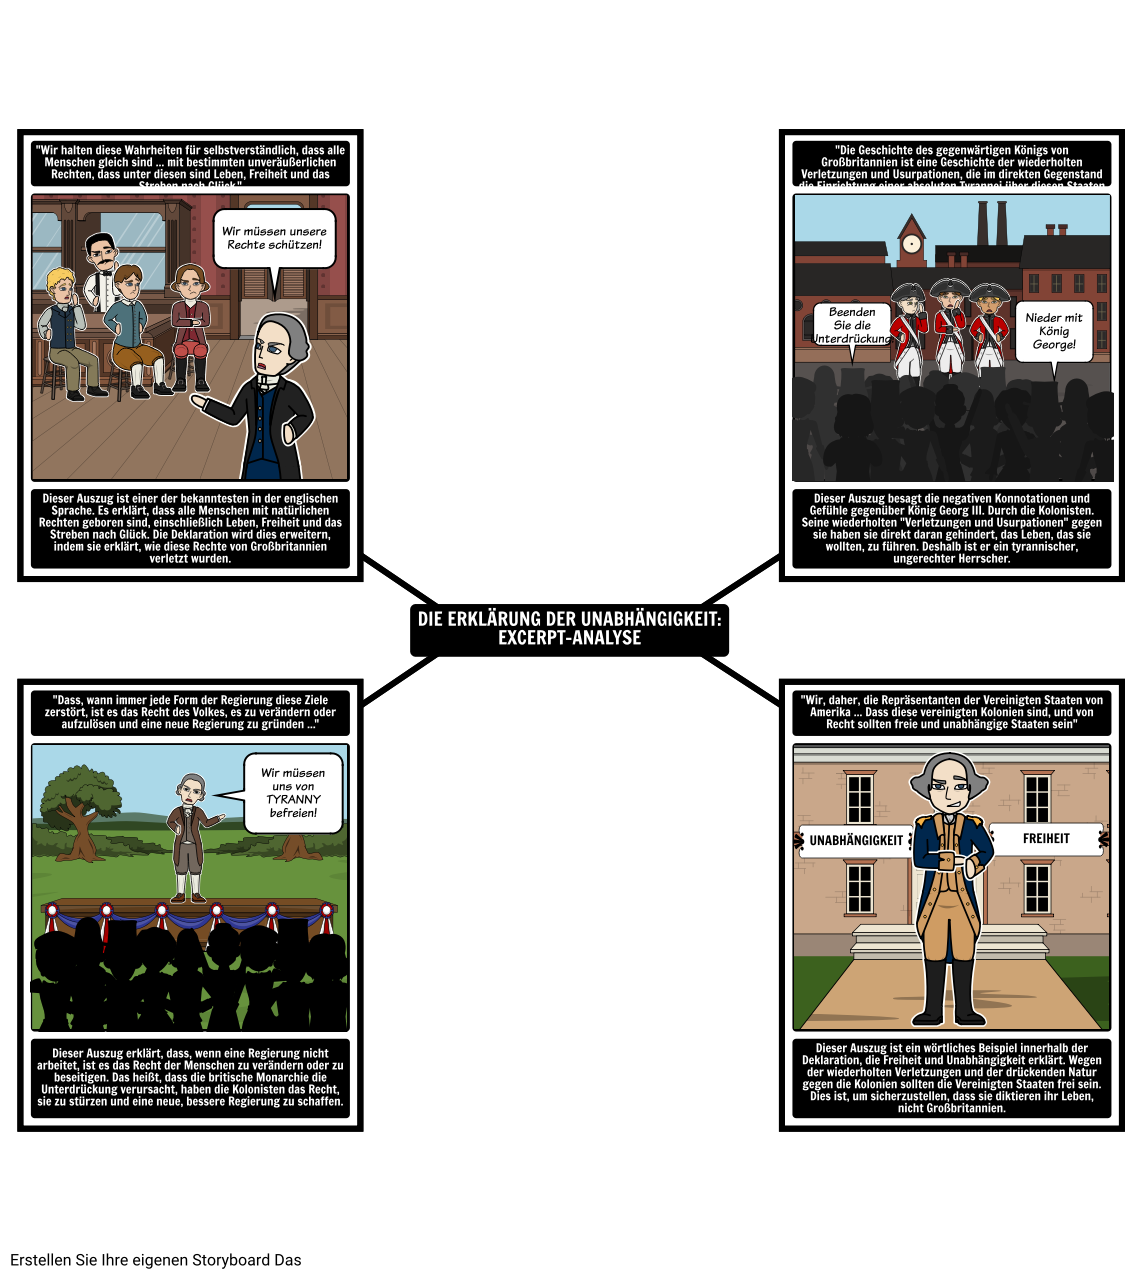 Unabhängigkeitserklärung Zusammenfassung & Analyse Aktivitäten ...